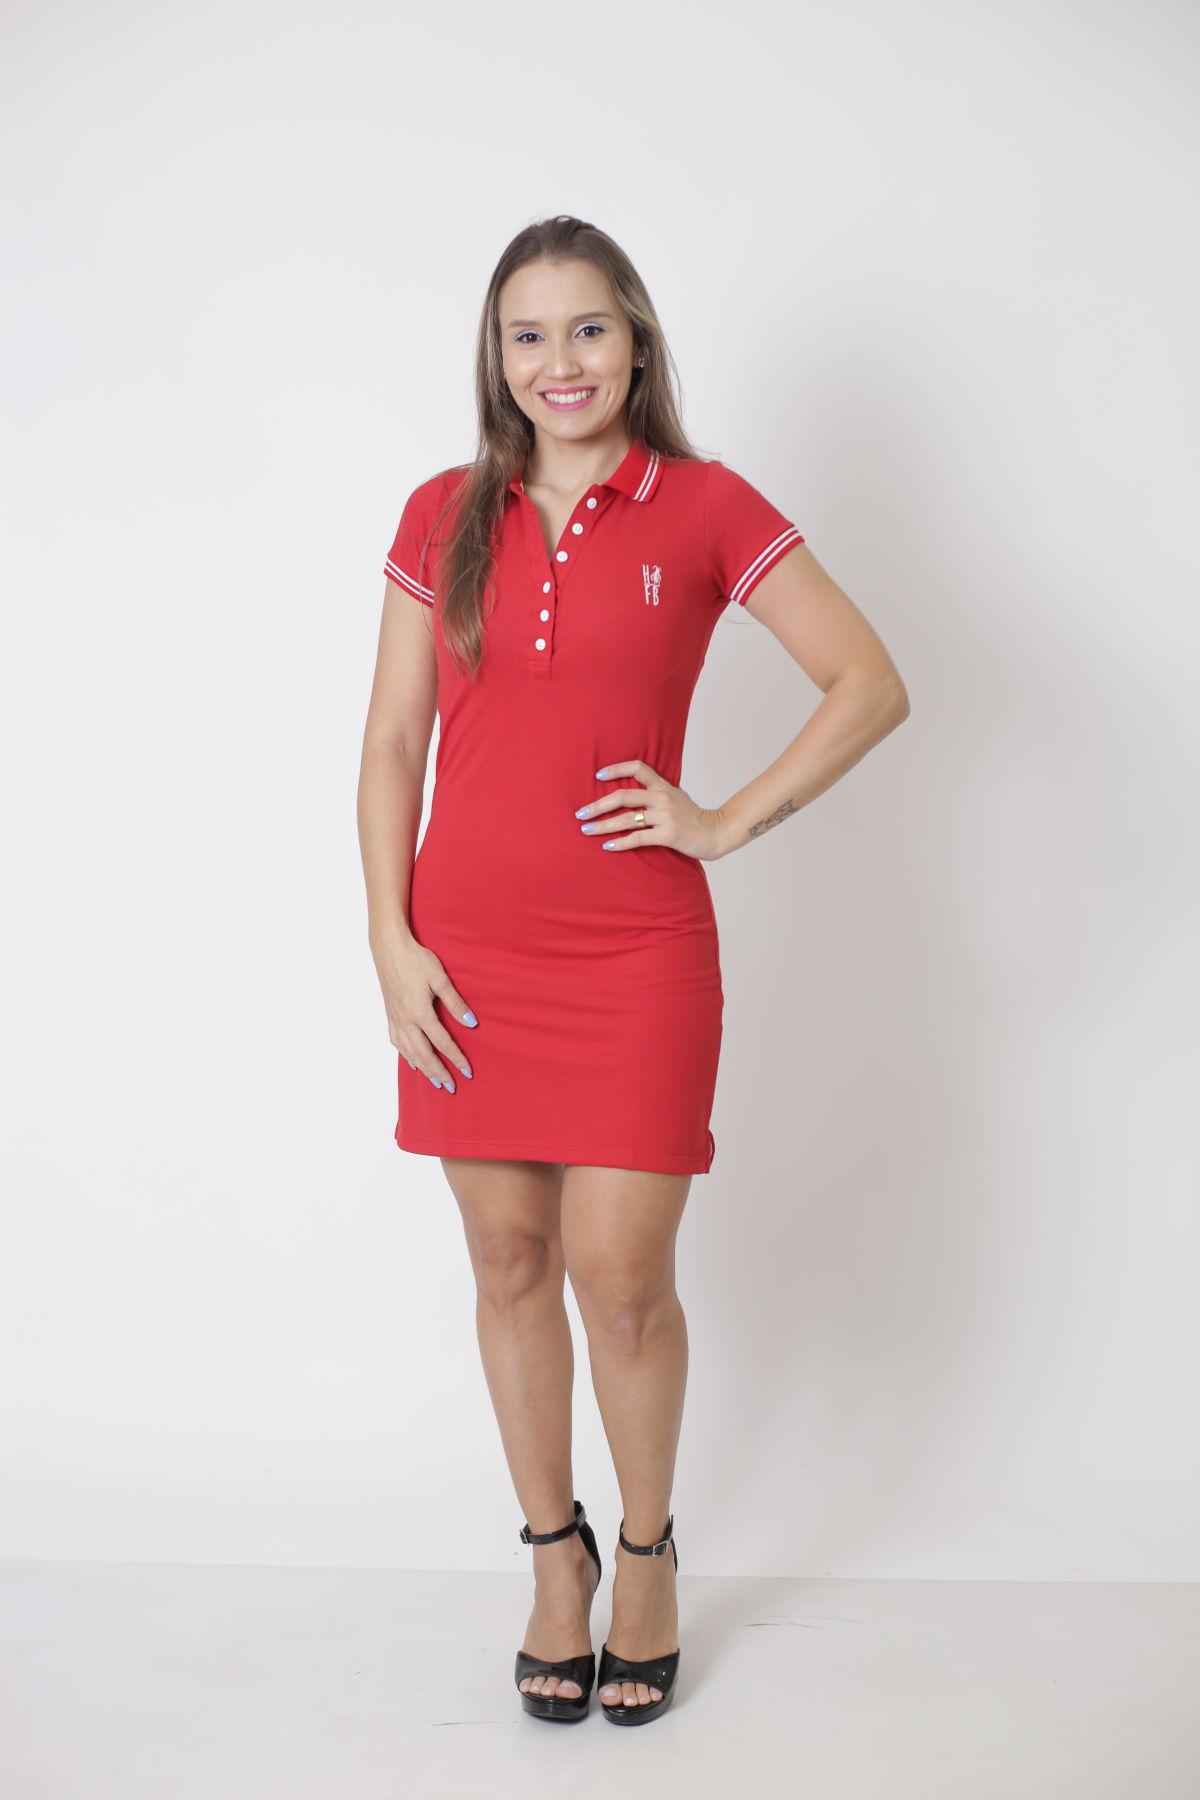 MÃE E FILHO > Kit 02 peças Vestido + Body Unissex Polo - Vermelho Paixão [Coleção Tal Mãe Tal Filho]  - Heitor Fashion Brazil